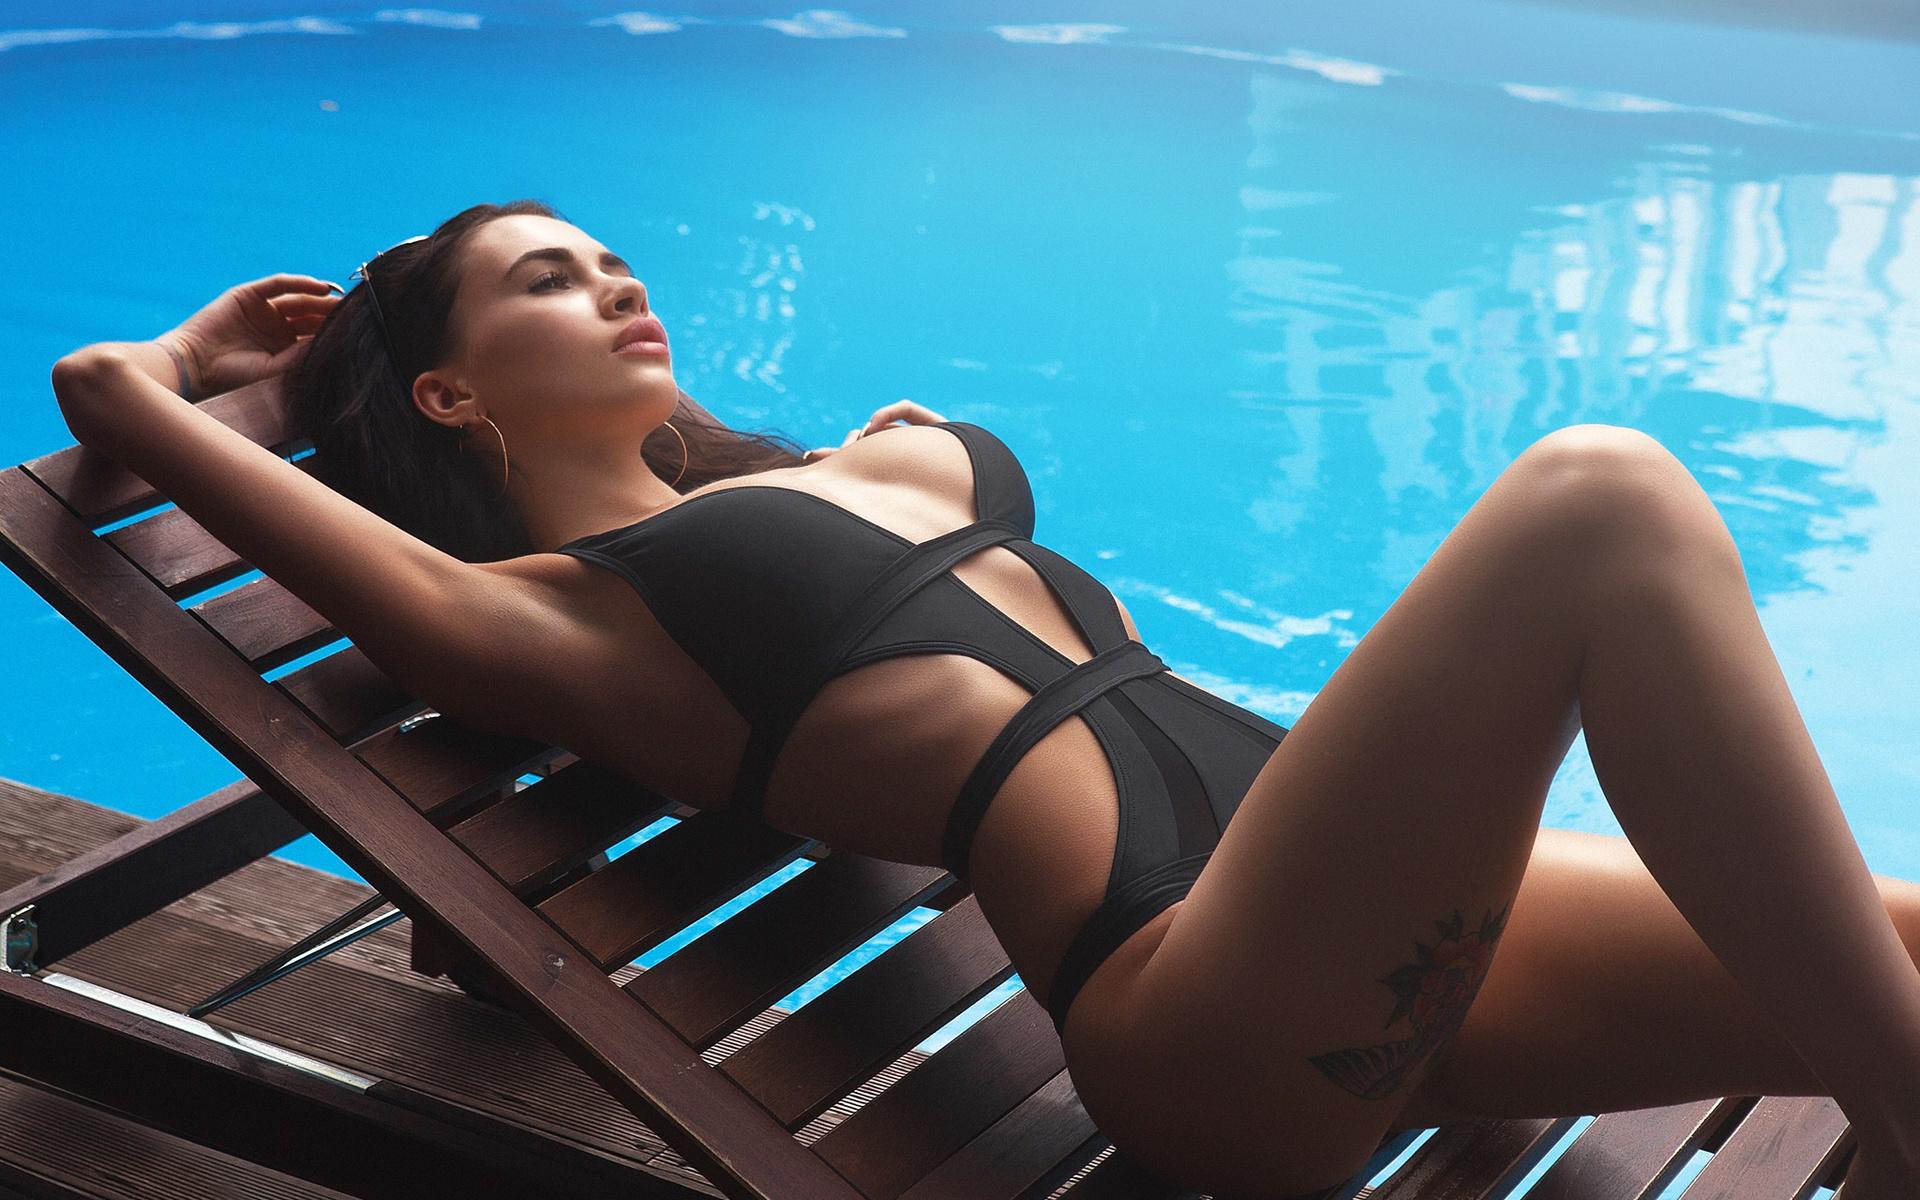 прикольных фото на лежаке у бассейна желательно потренироваться